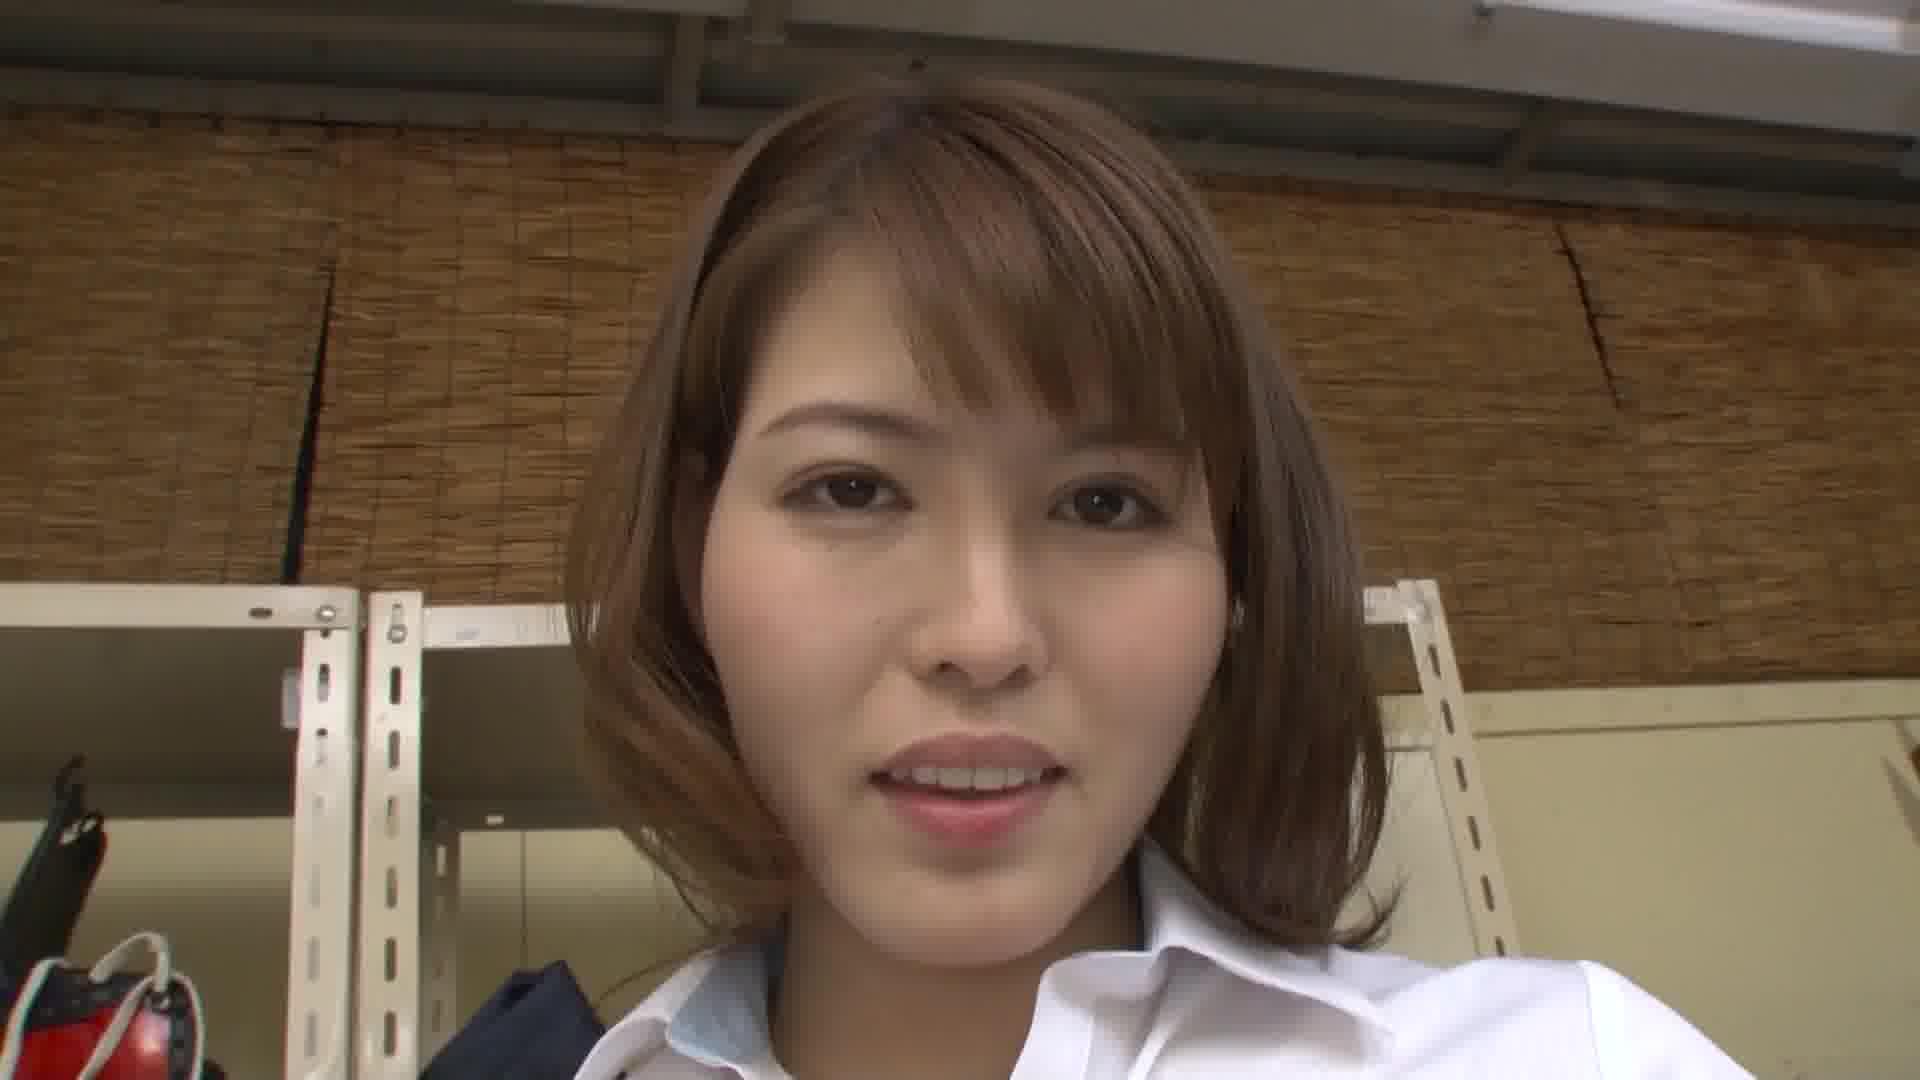 巨乳女教師と同僚の放課後のまぐわい - 夏木ゆきえ【女教師・巨乳・中出し】